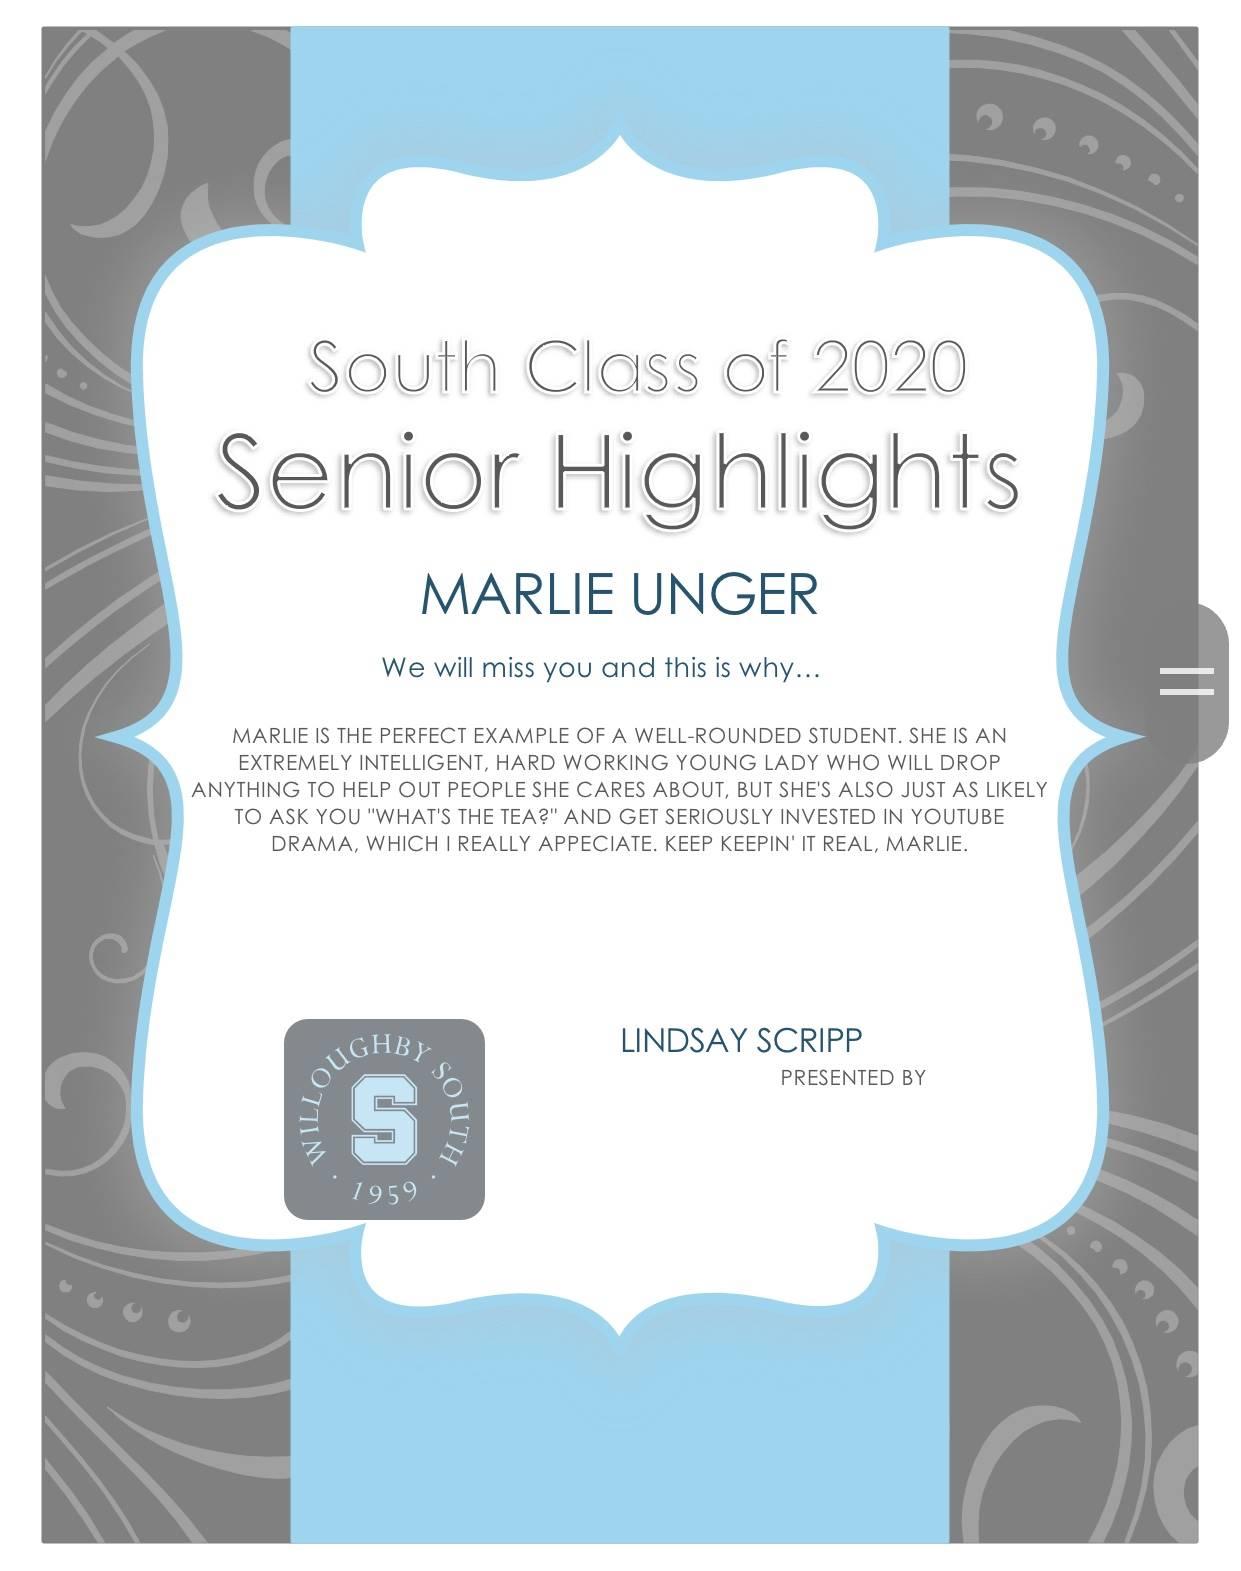 Marlie Unger